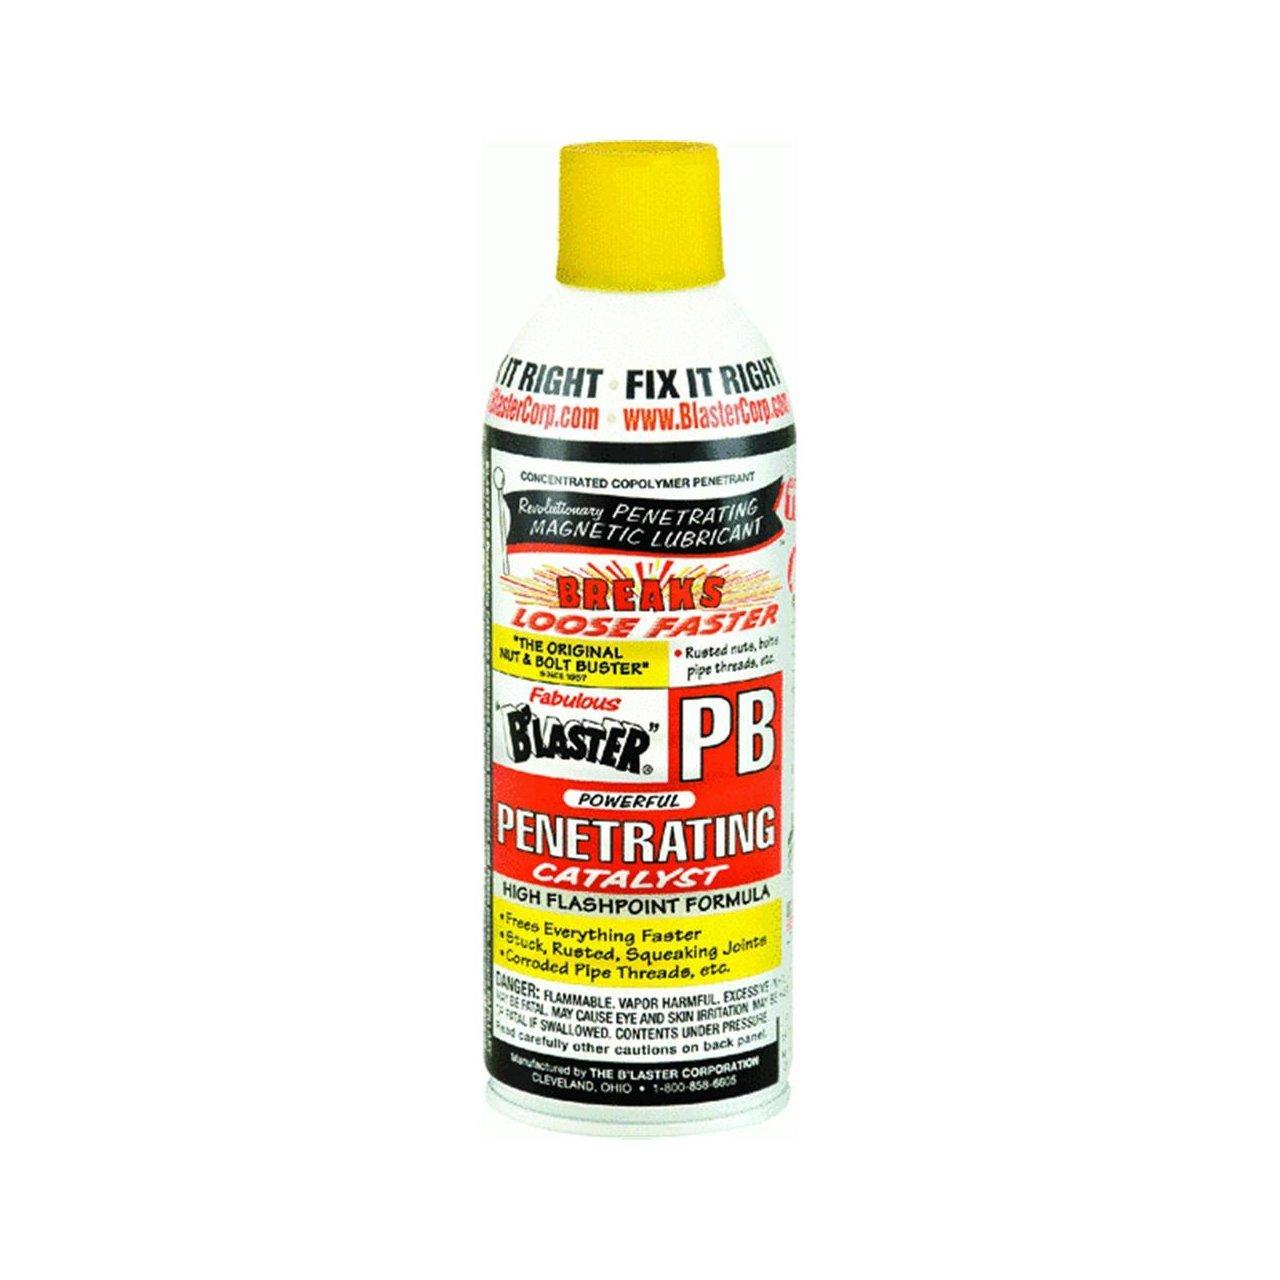 4. PB blaster penetrating the oil